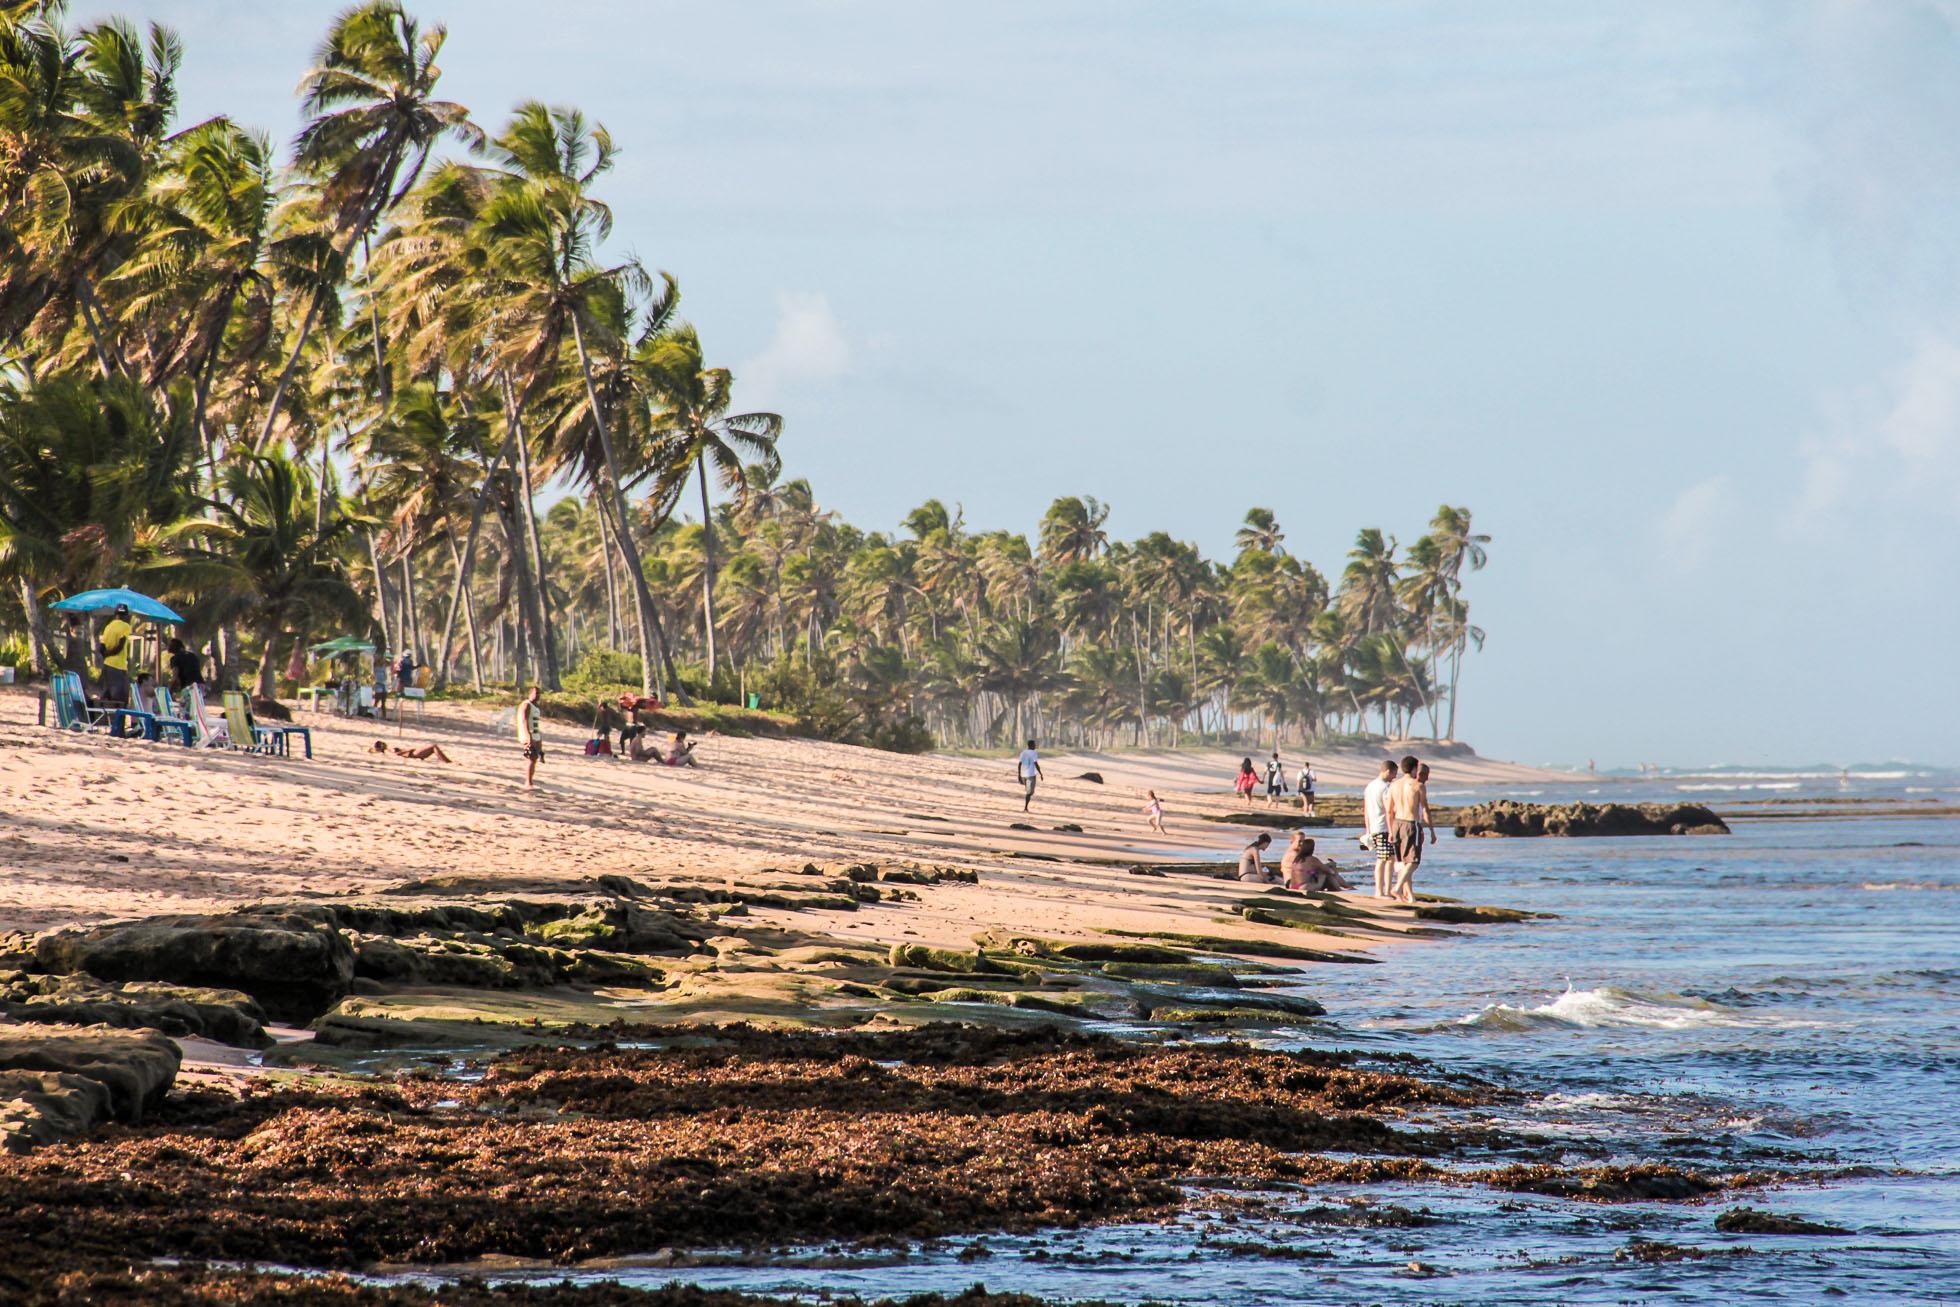 Praia do Forte à Bahia